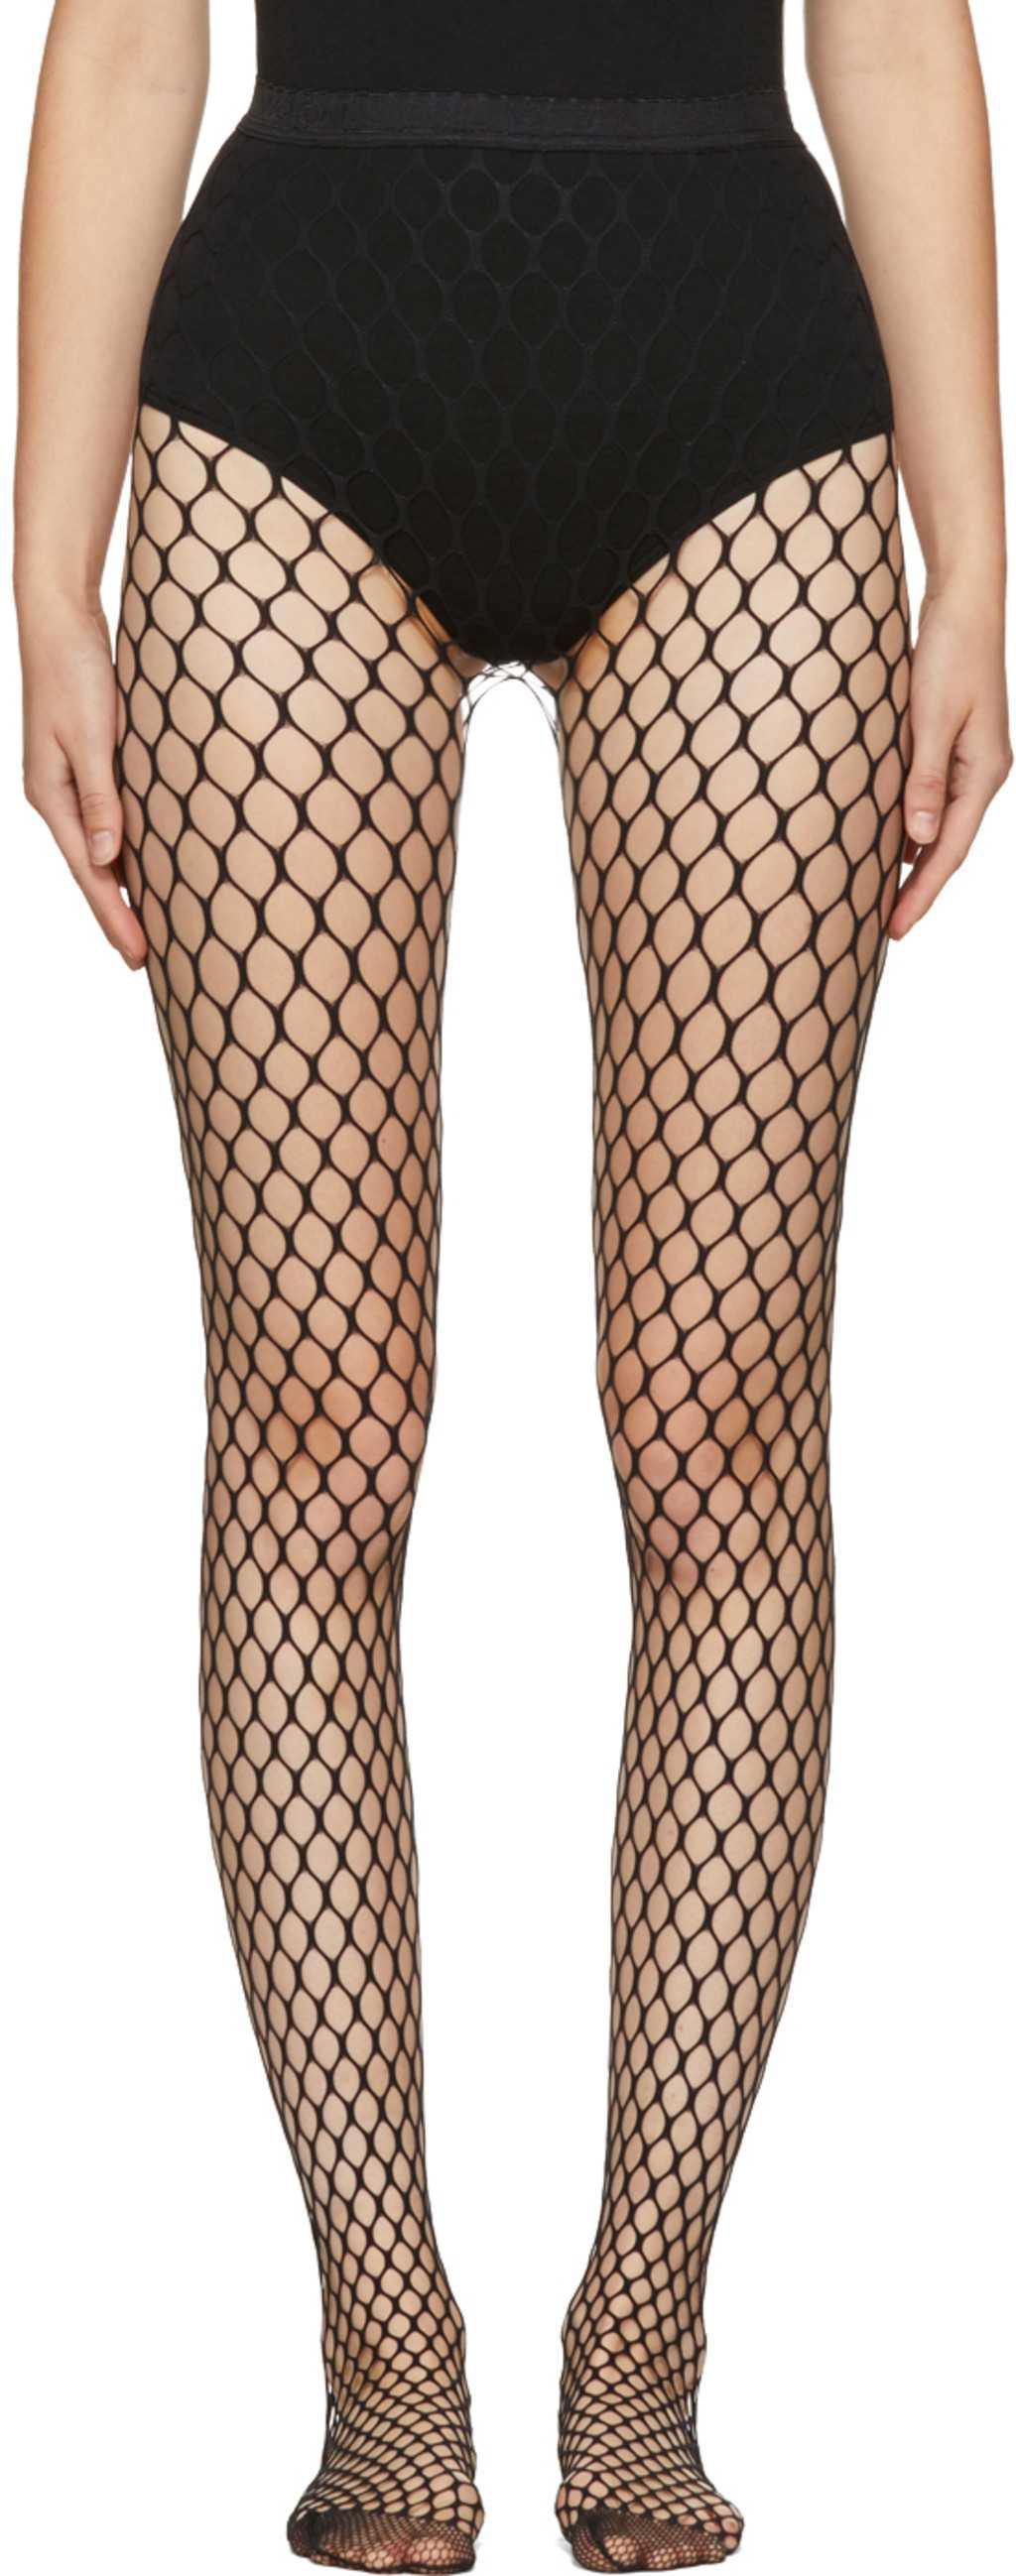 ssense leggings / socks / fishnets